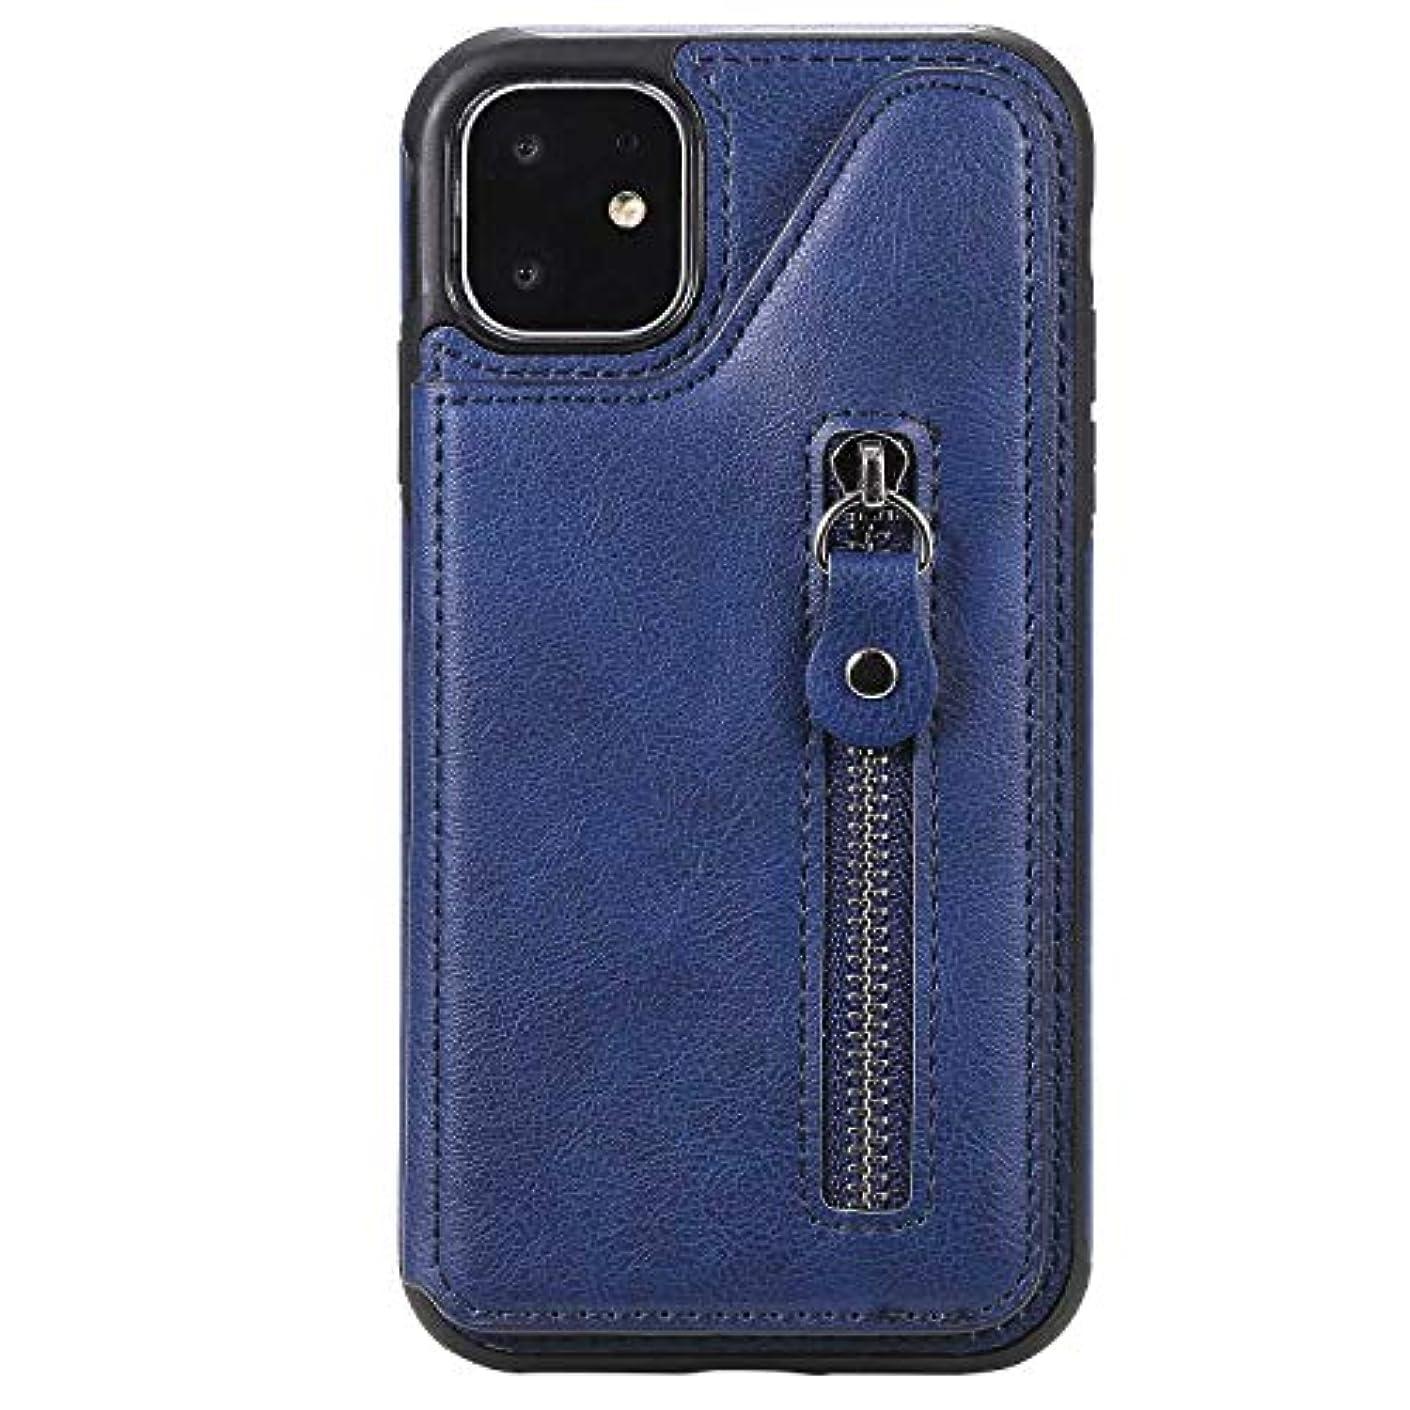 甘くする六メタリックOMATENTI iPhone 11 6.1 ケース, PUレザー 薄型 簡約風 人気 新品 バックケース iPhone 11 6.1 用 Case Cover, 財布とコインポケット付き, 液晶保護 カード収納, 青